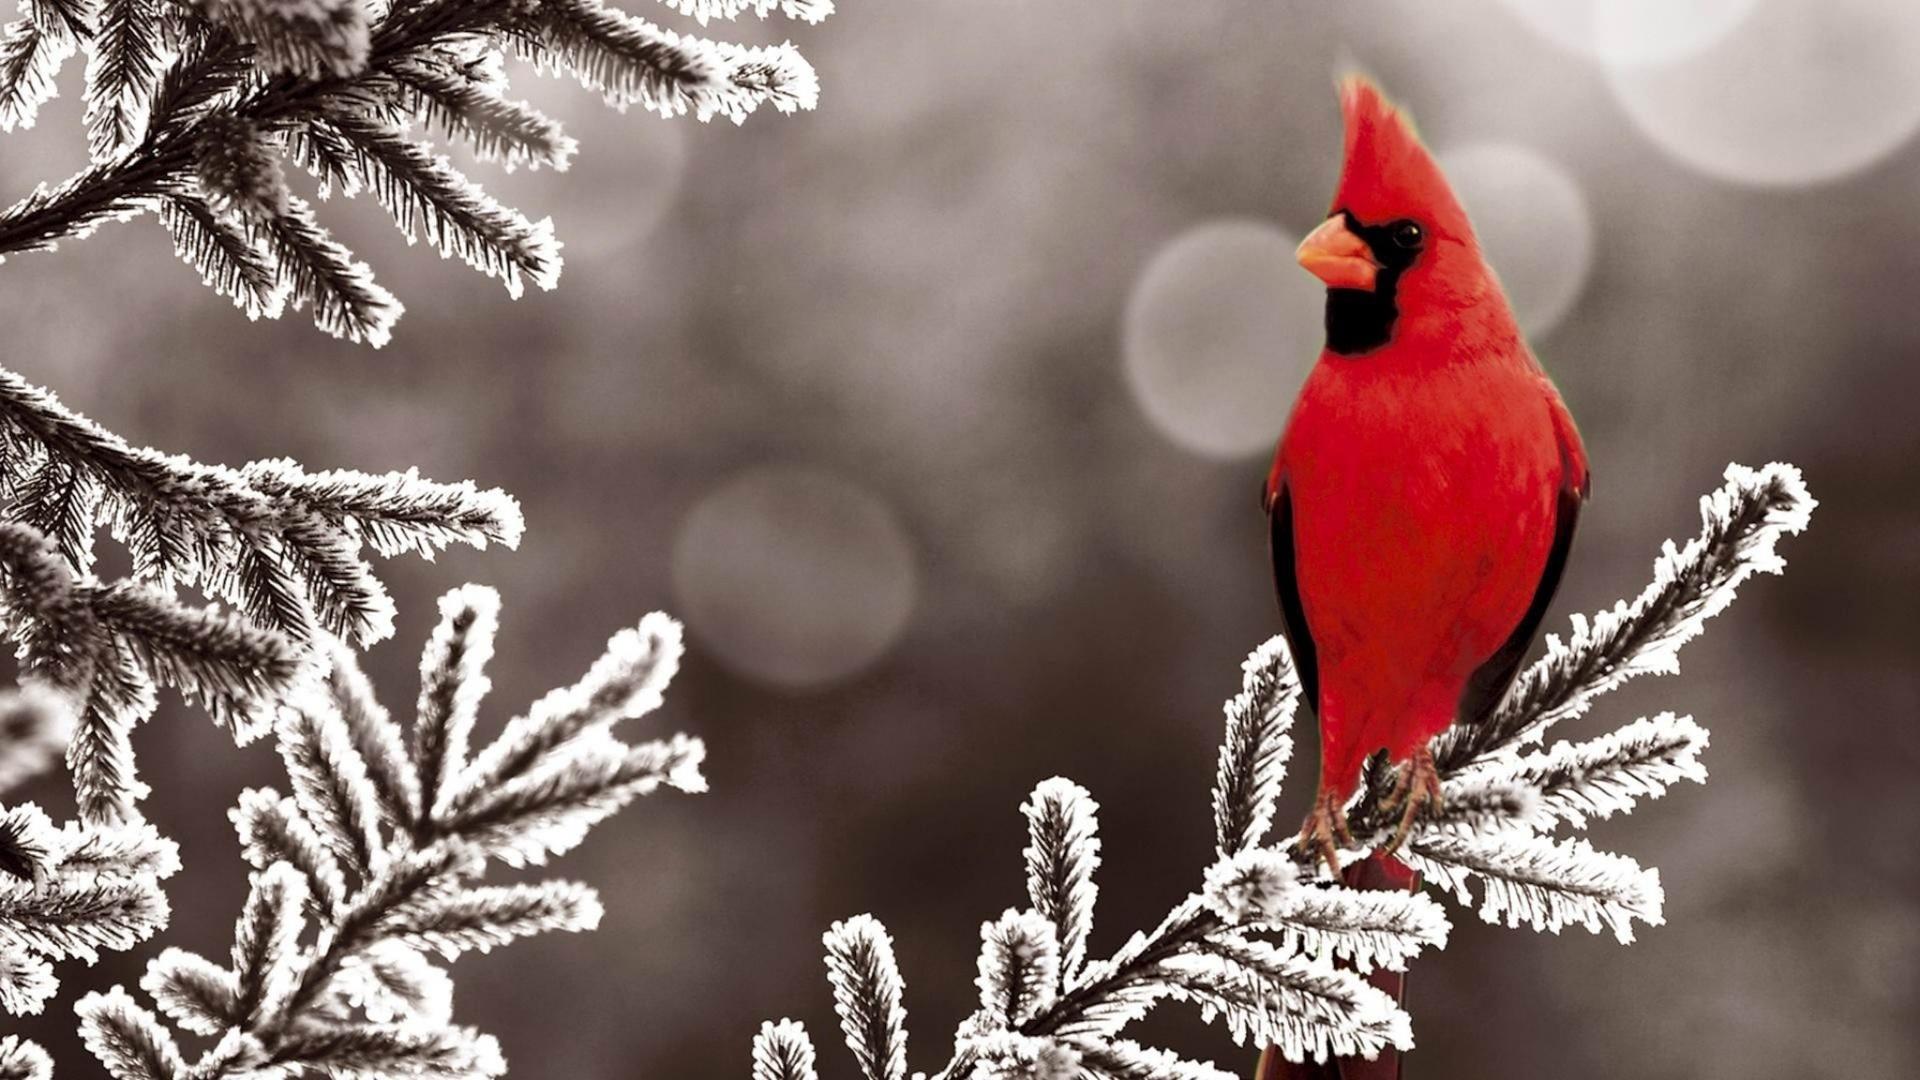 фото зима снегири красные большие красивые вот мобильный интернет